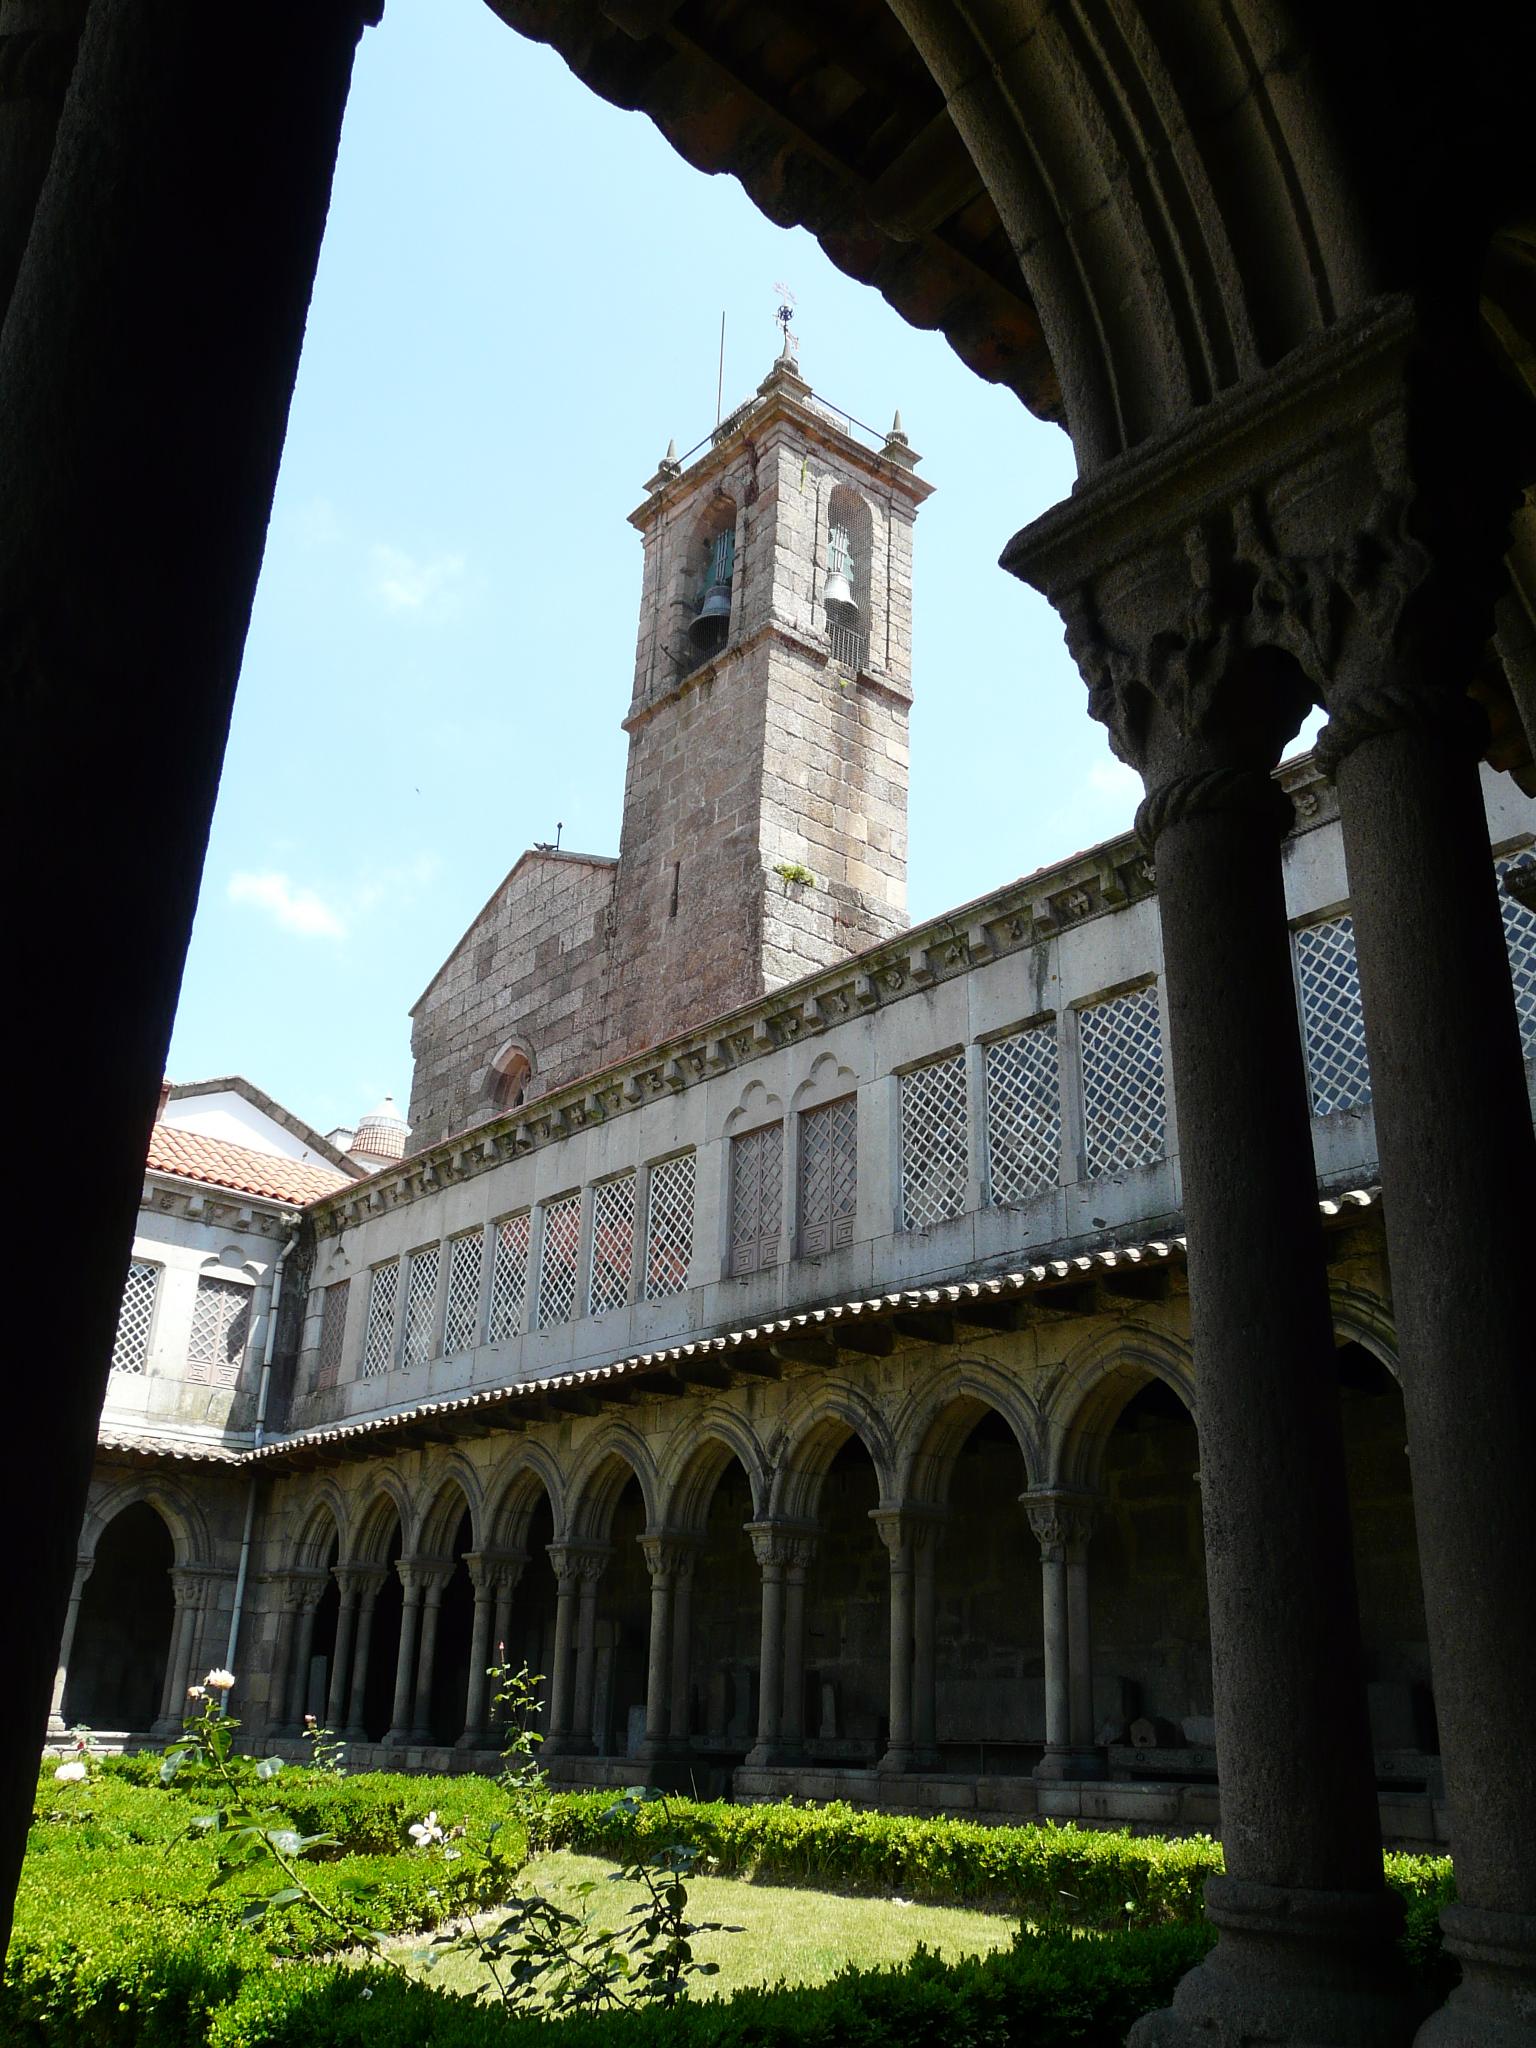 Museu Arqueologico Martins Sarmento